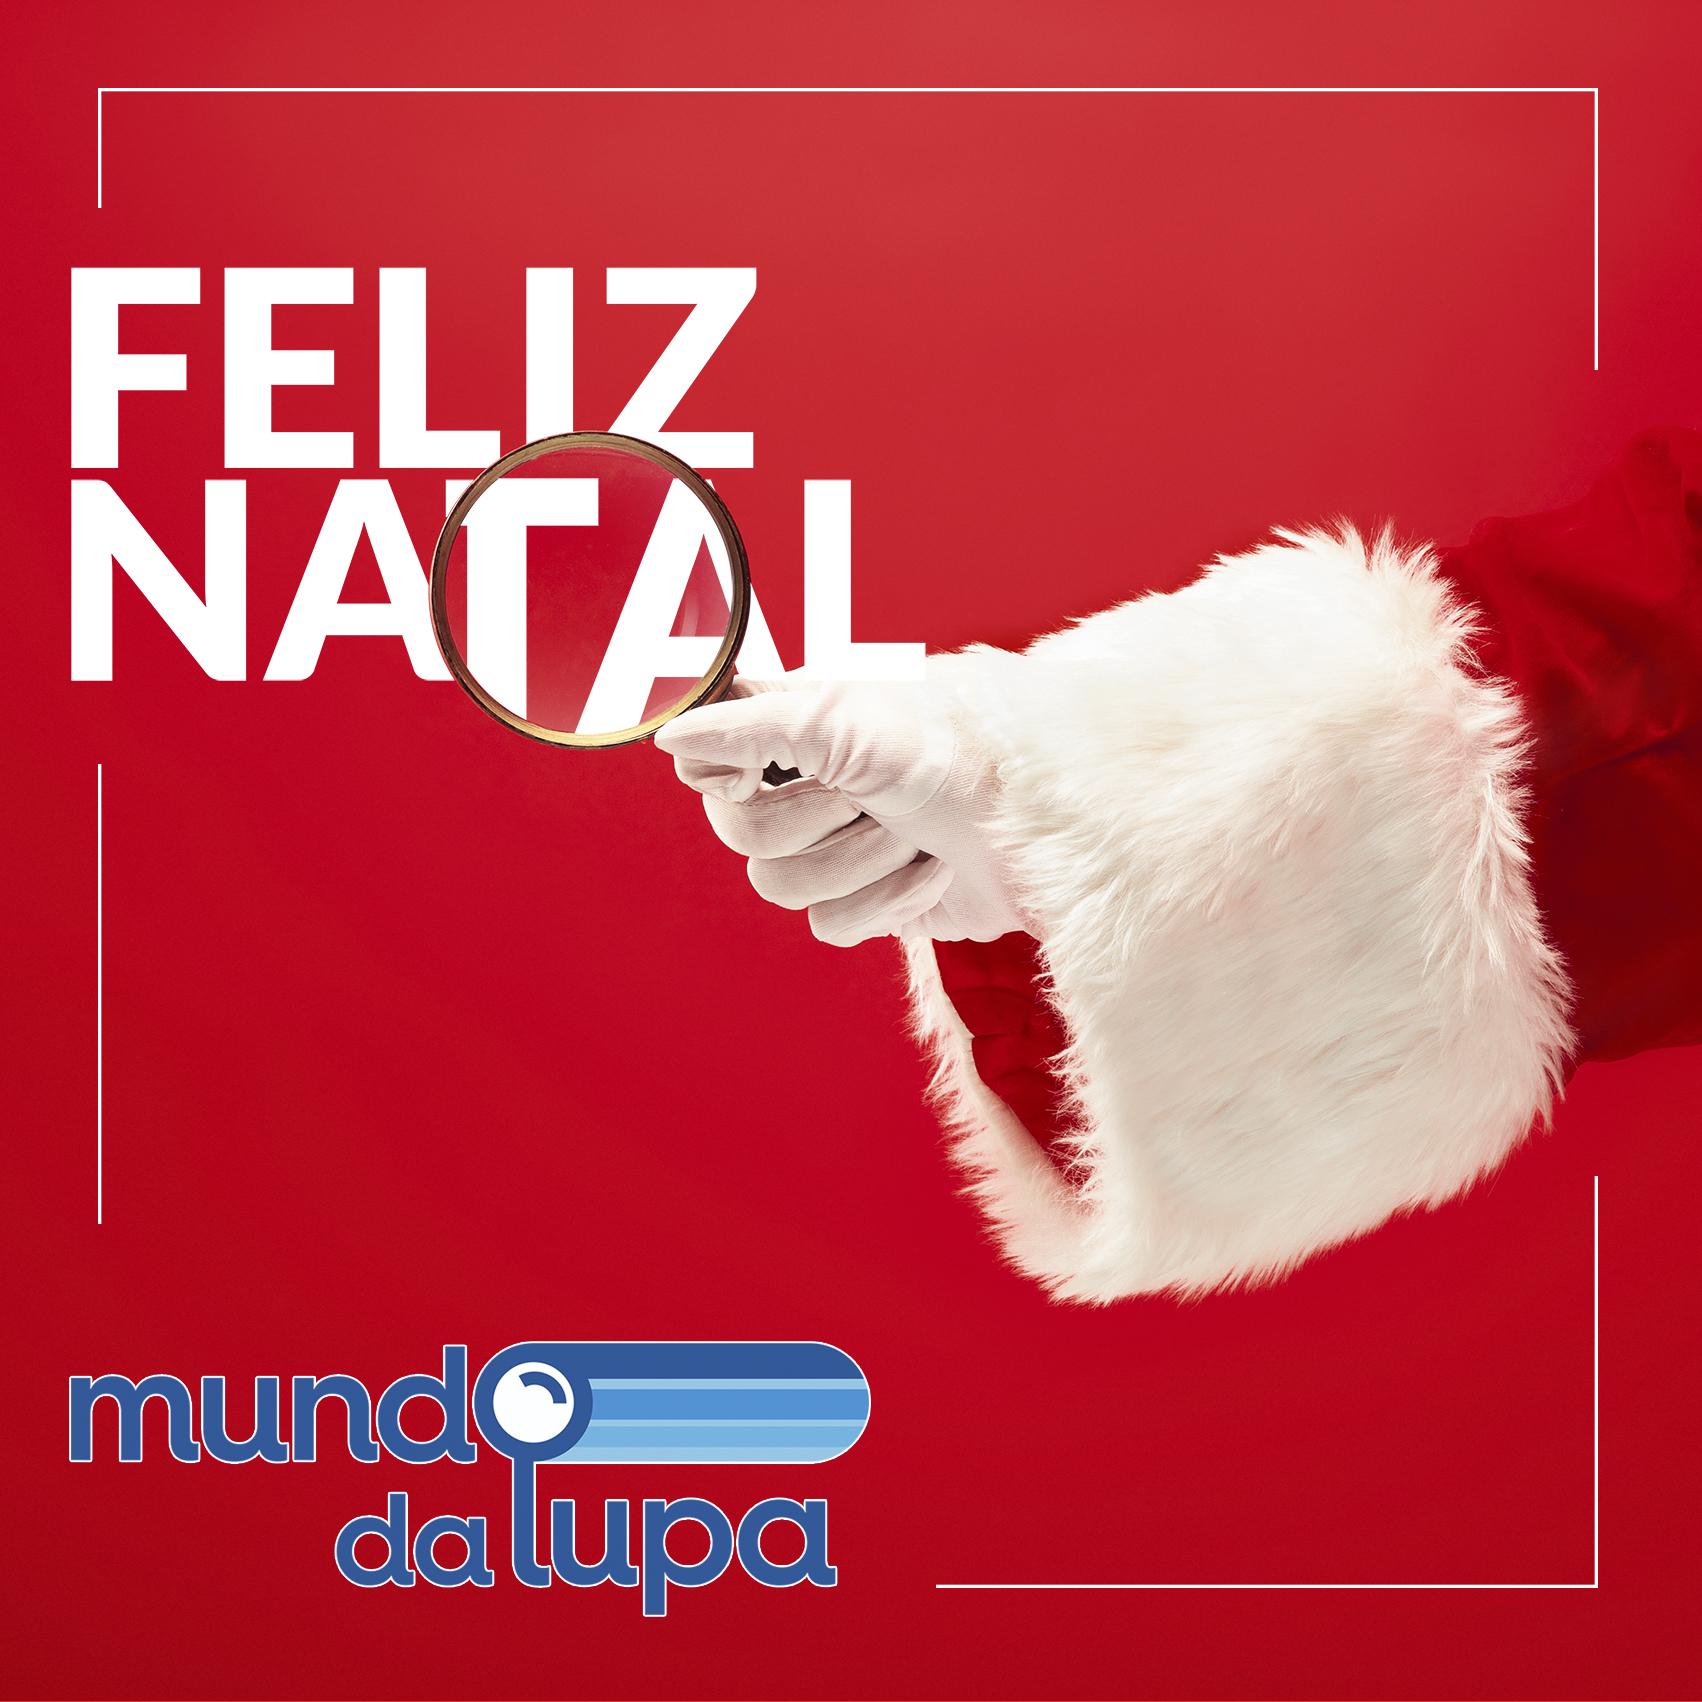 A mão do Papai Noel está segurando uma lupa, ampliando a mensagem de Feliz Natal